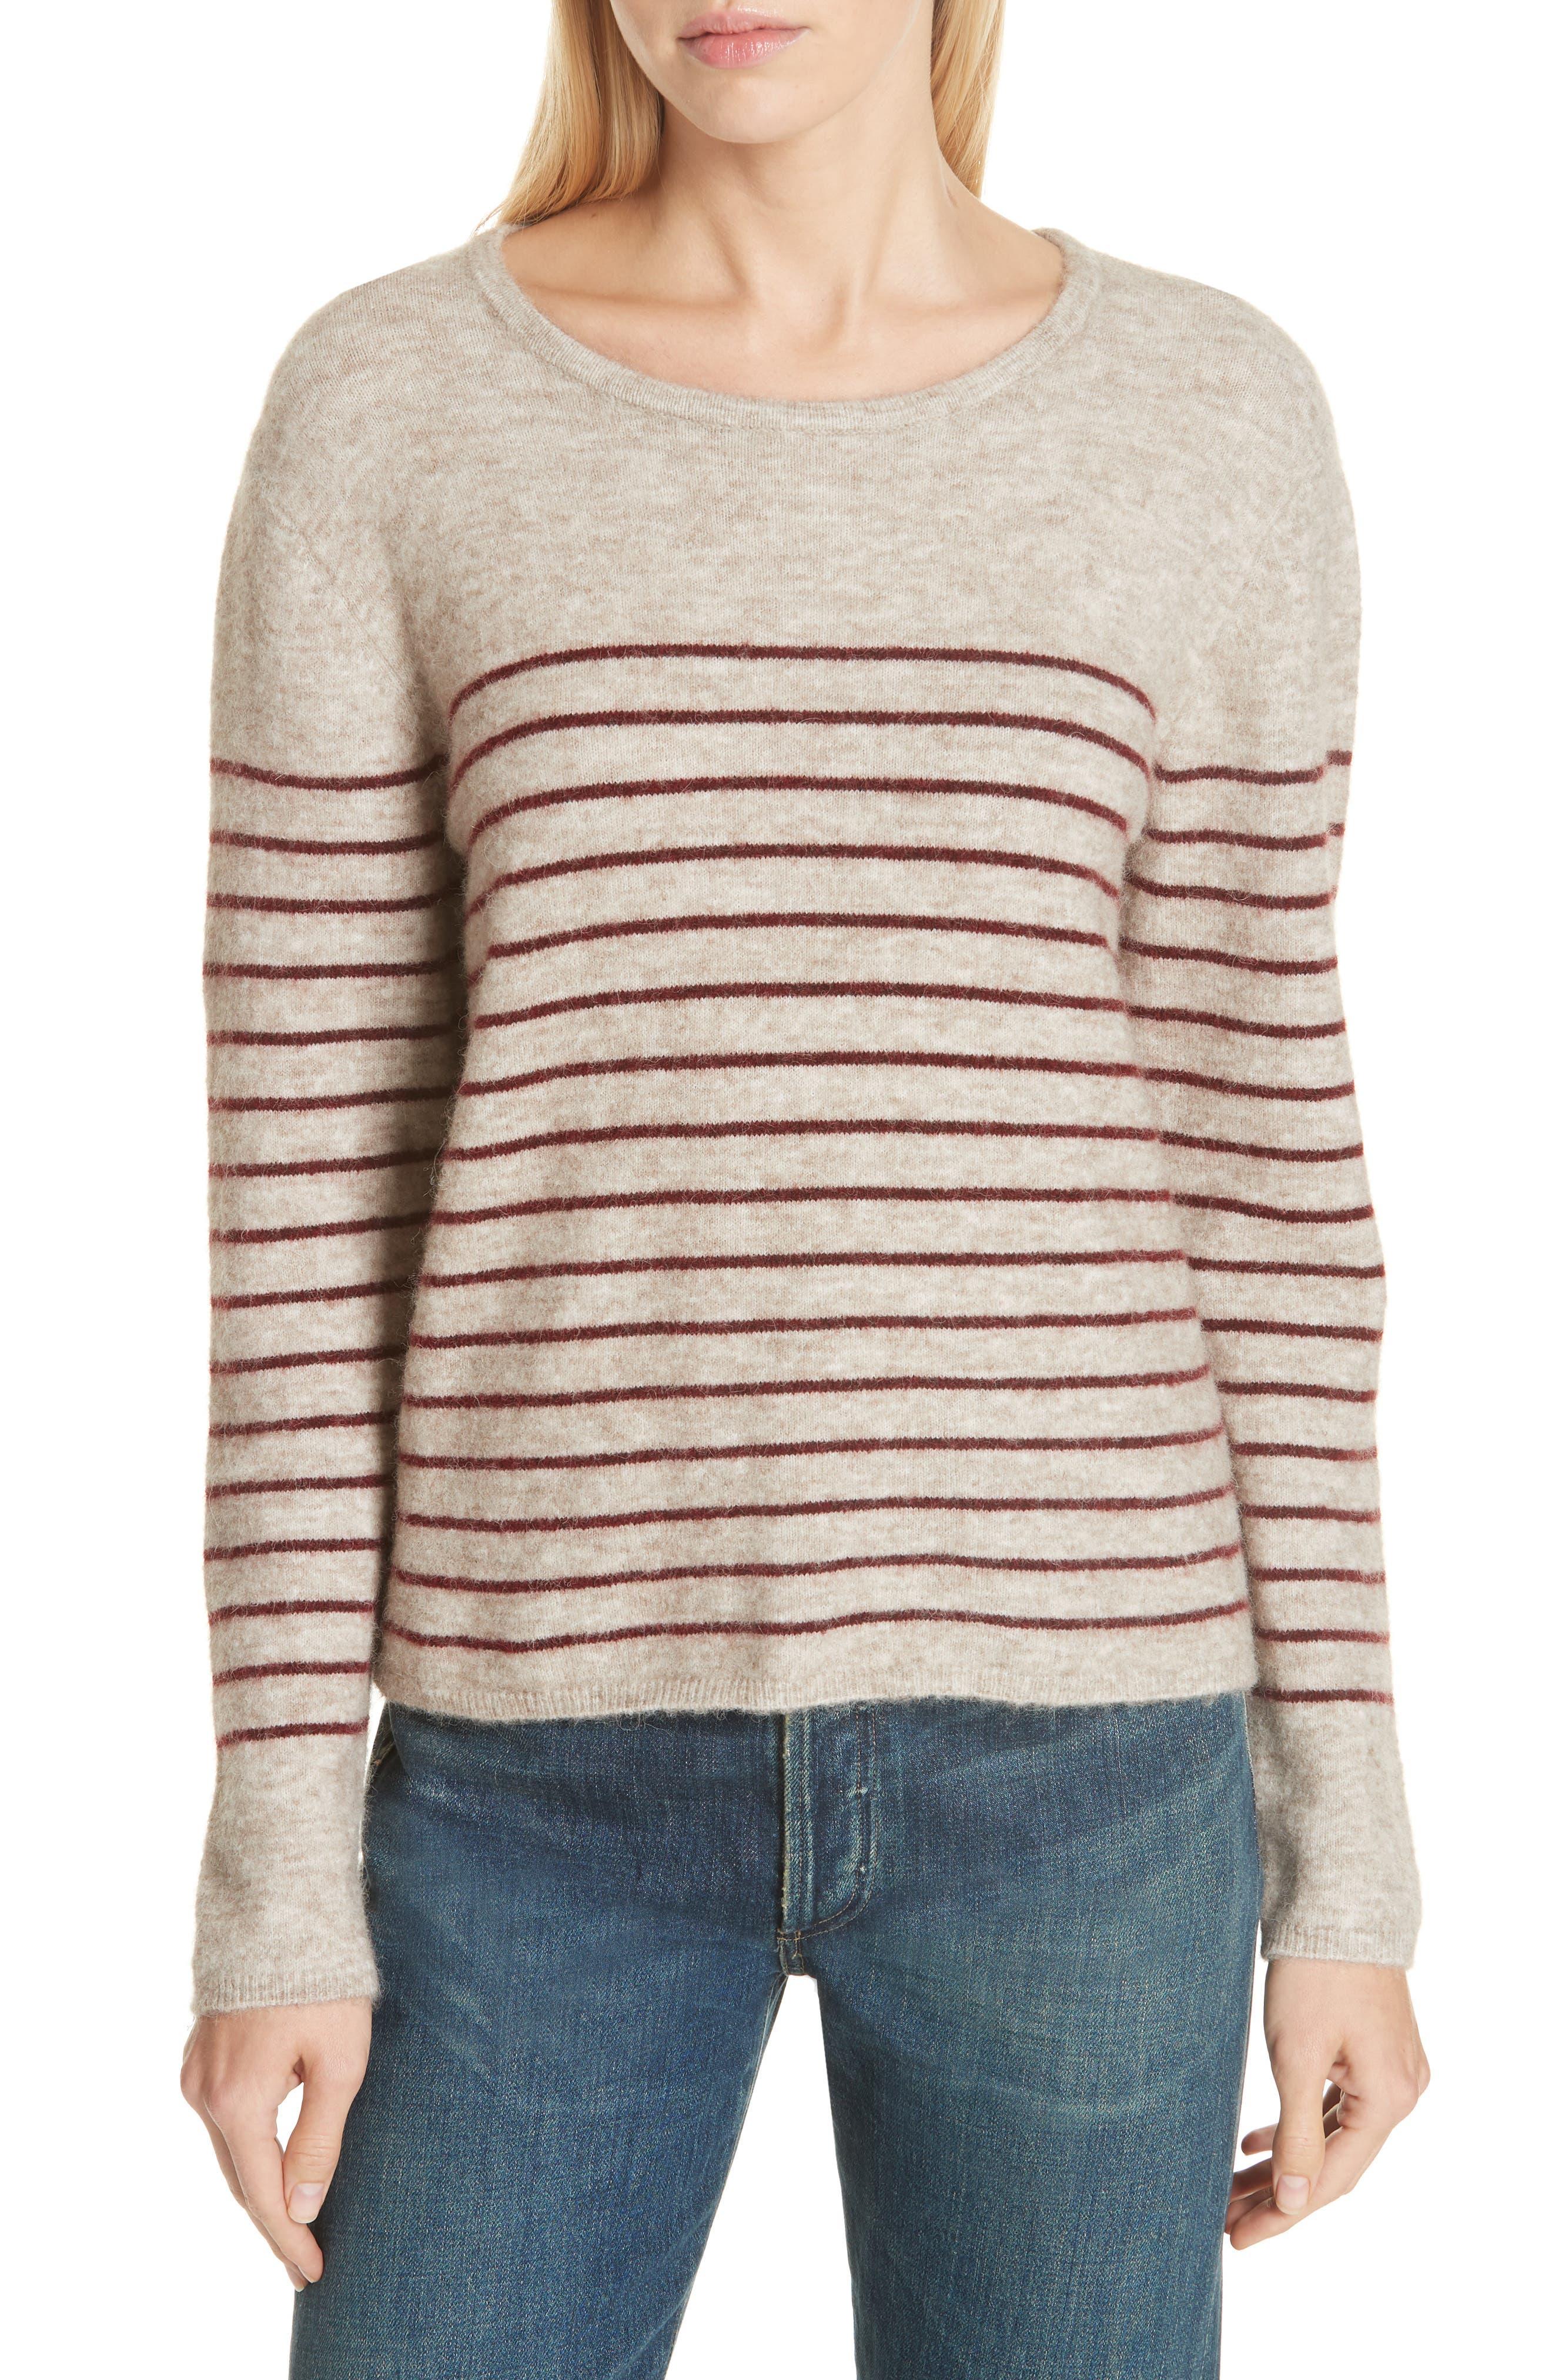 Artaud Stripe Sweater,                         Main,                         color, BEIGE